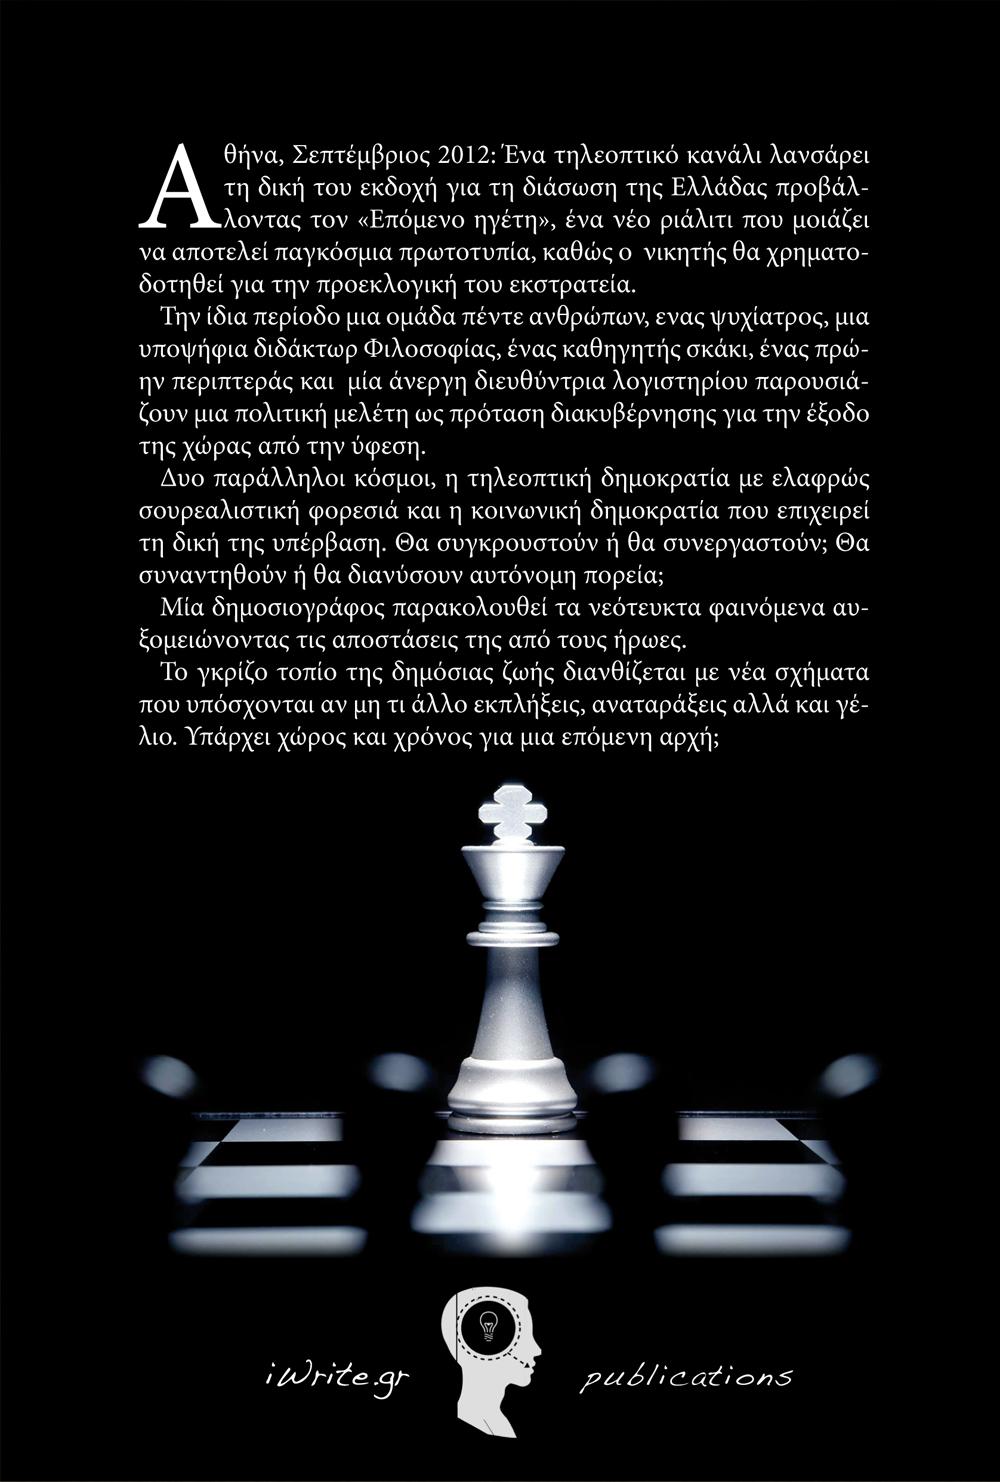 Οπισθόφυλλο, Ο Επόμενος Ηγέτης, Εκδόσεις iWrite